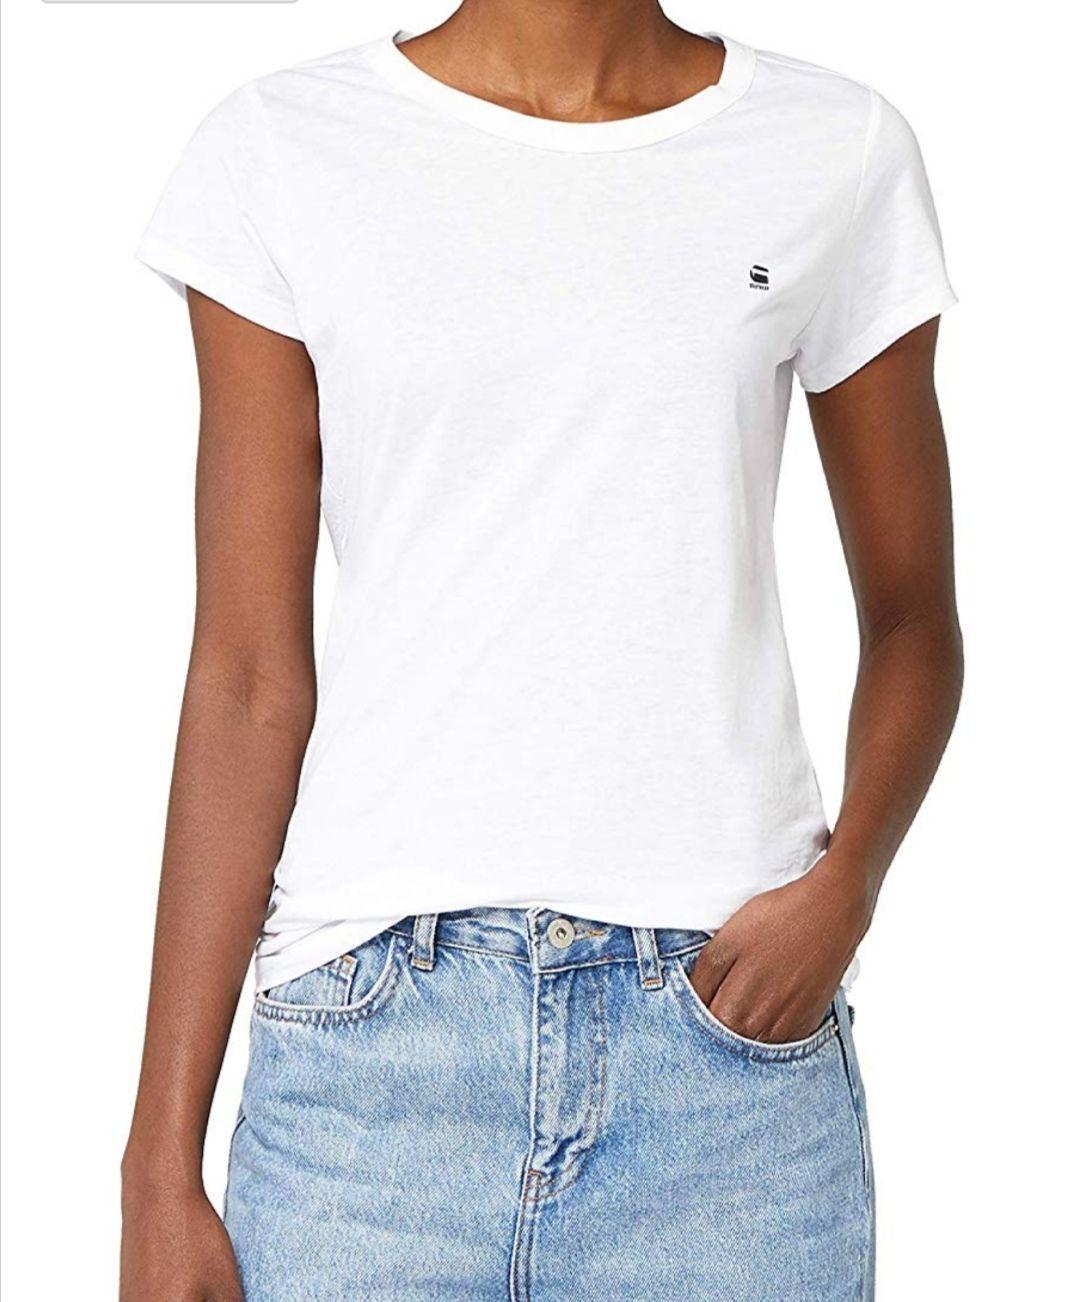 G-Star T-shirt für Frauen Weiß